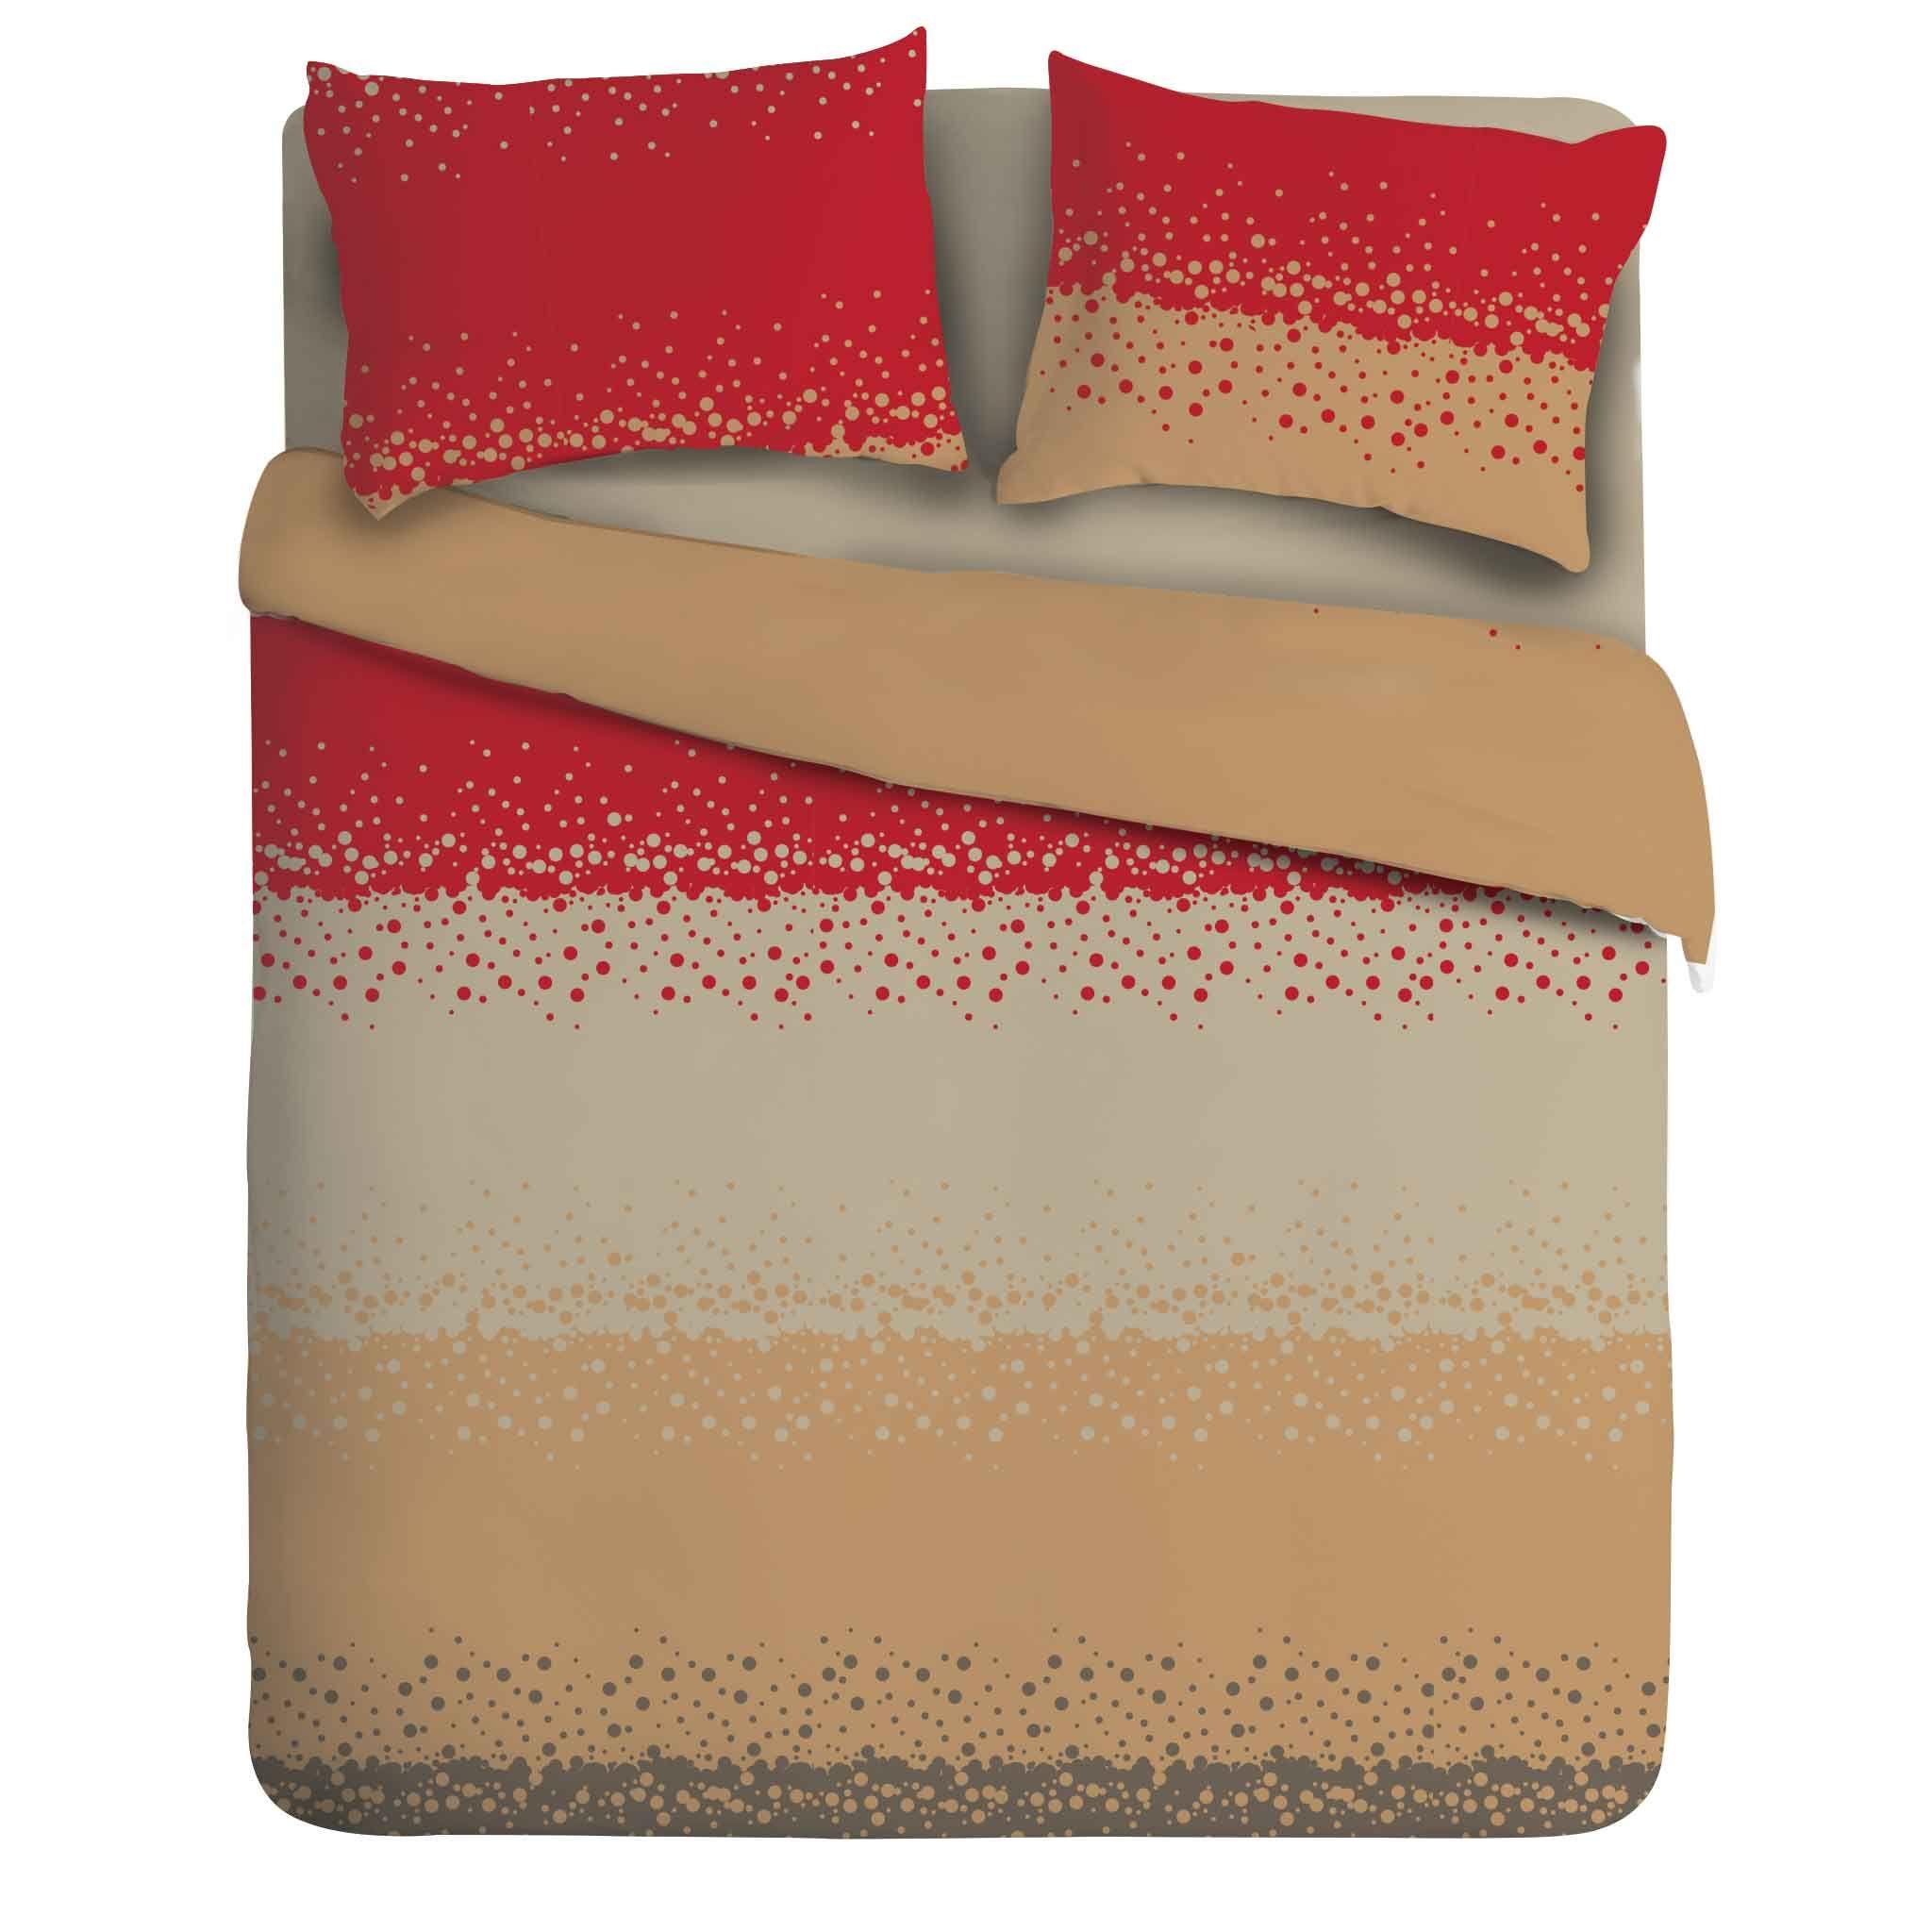 Juego de sábanas percal 180 hilos - CEREZA BEIGE